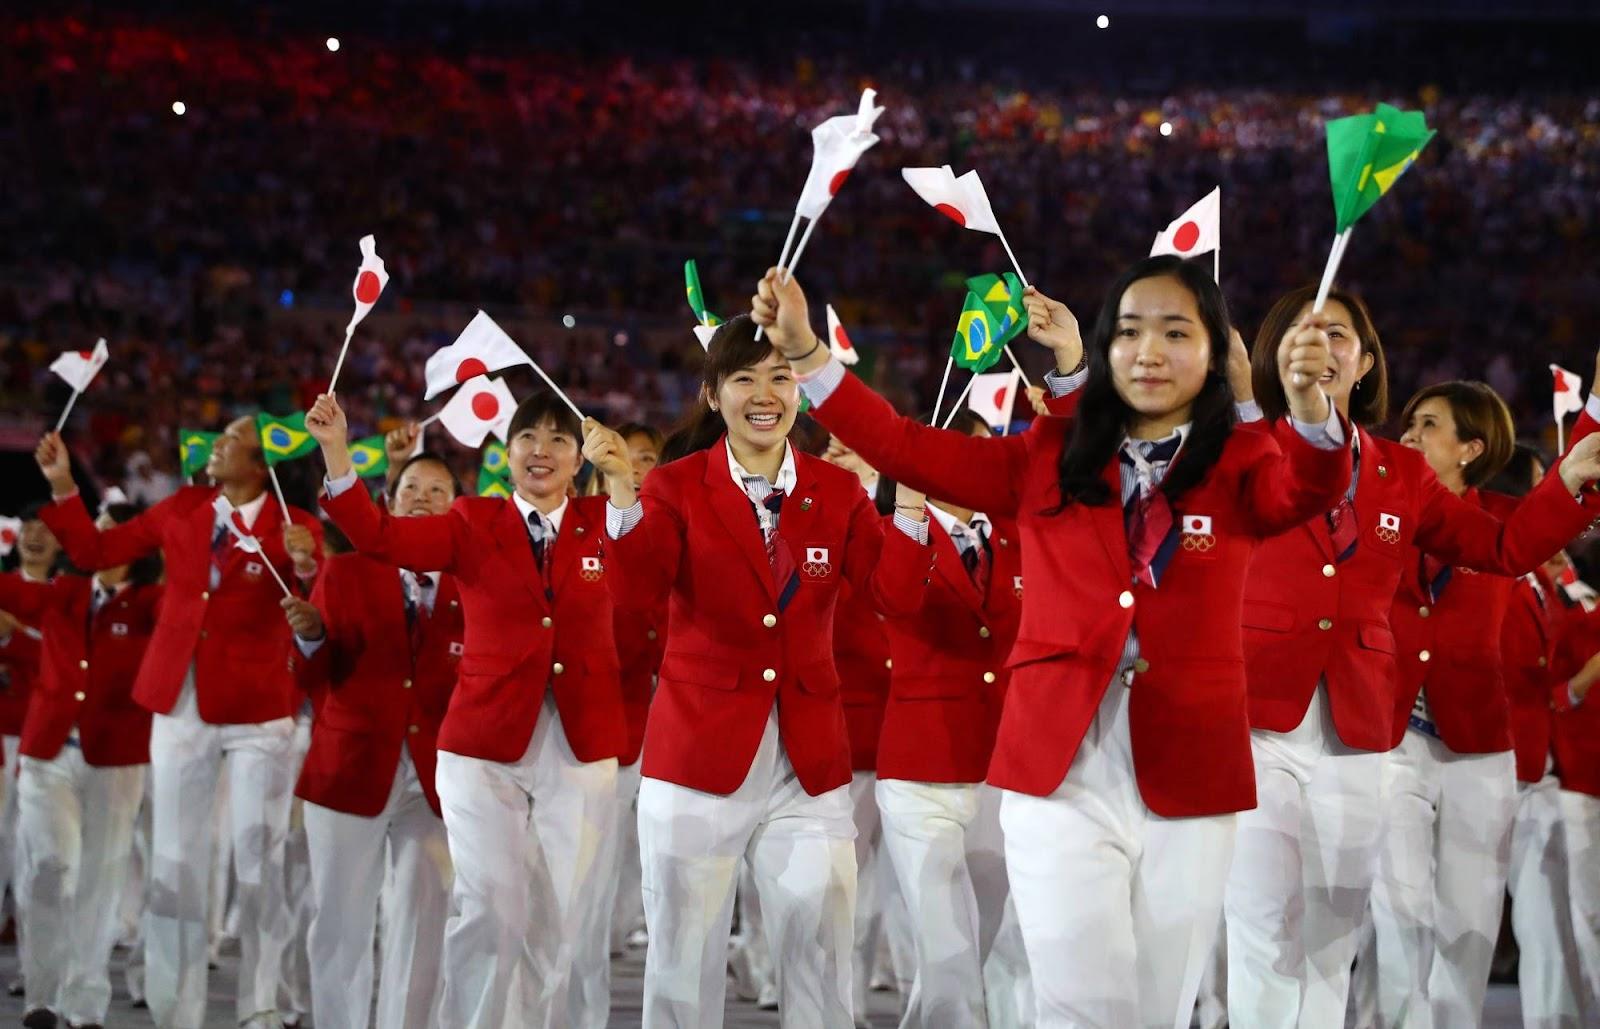 Japão começou a investir para as Olimpíadas de Tóquio já colheu frutos na Rio 2016 (Imagem: Japan Times/Reprodução)